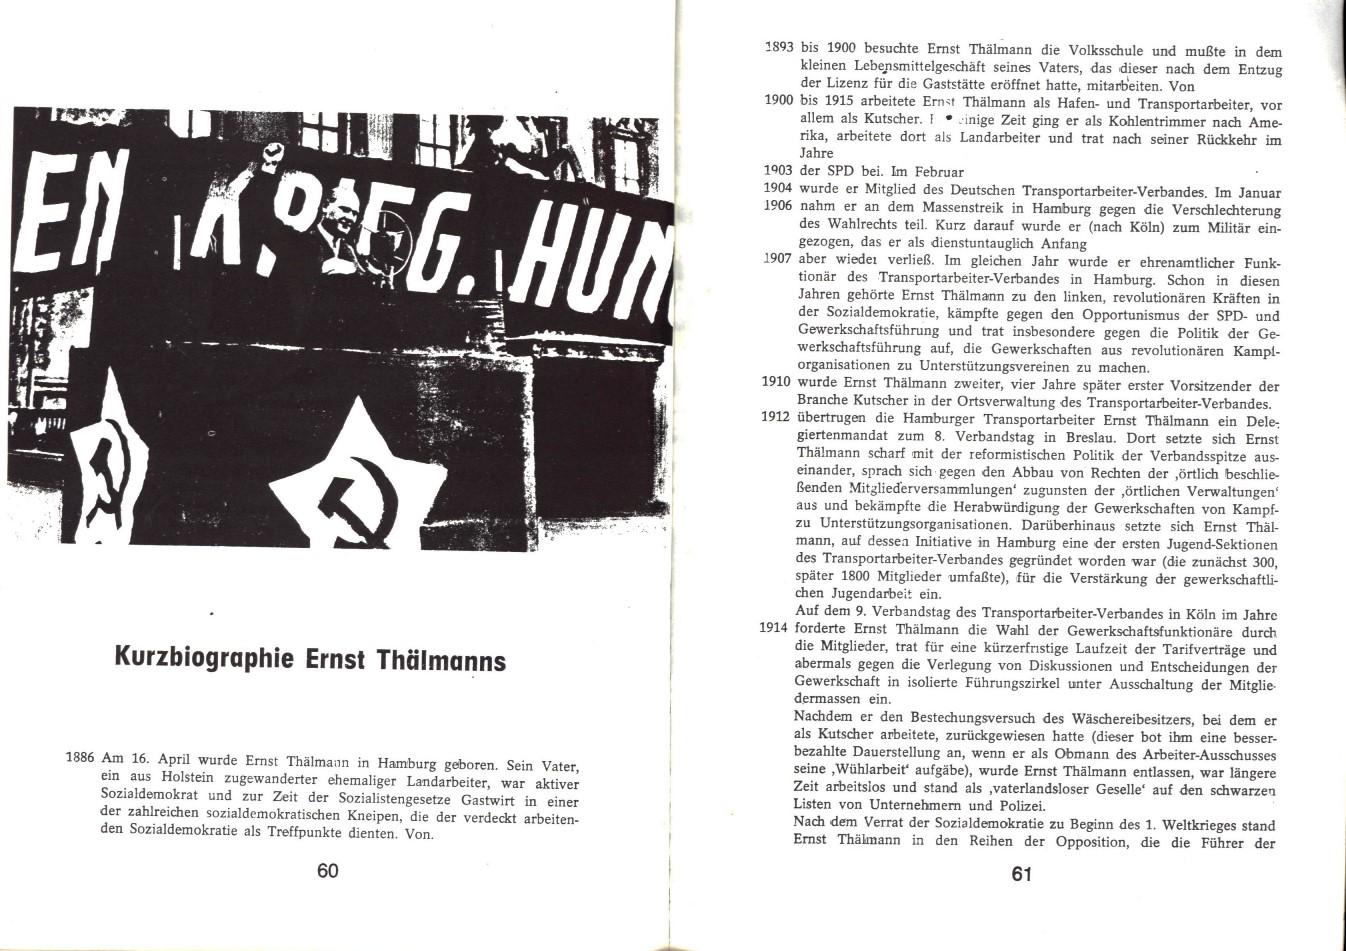 KPDAO_1974_Ernst_Thaelmann_32